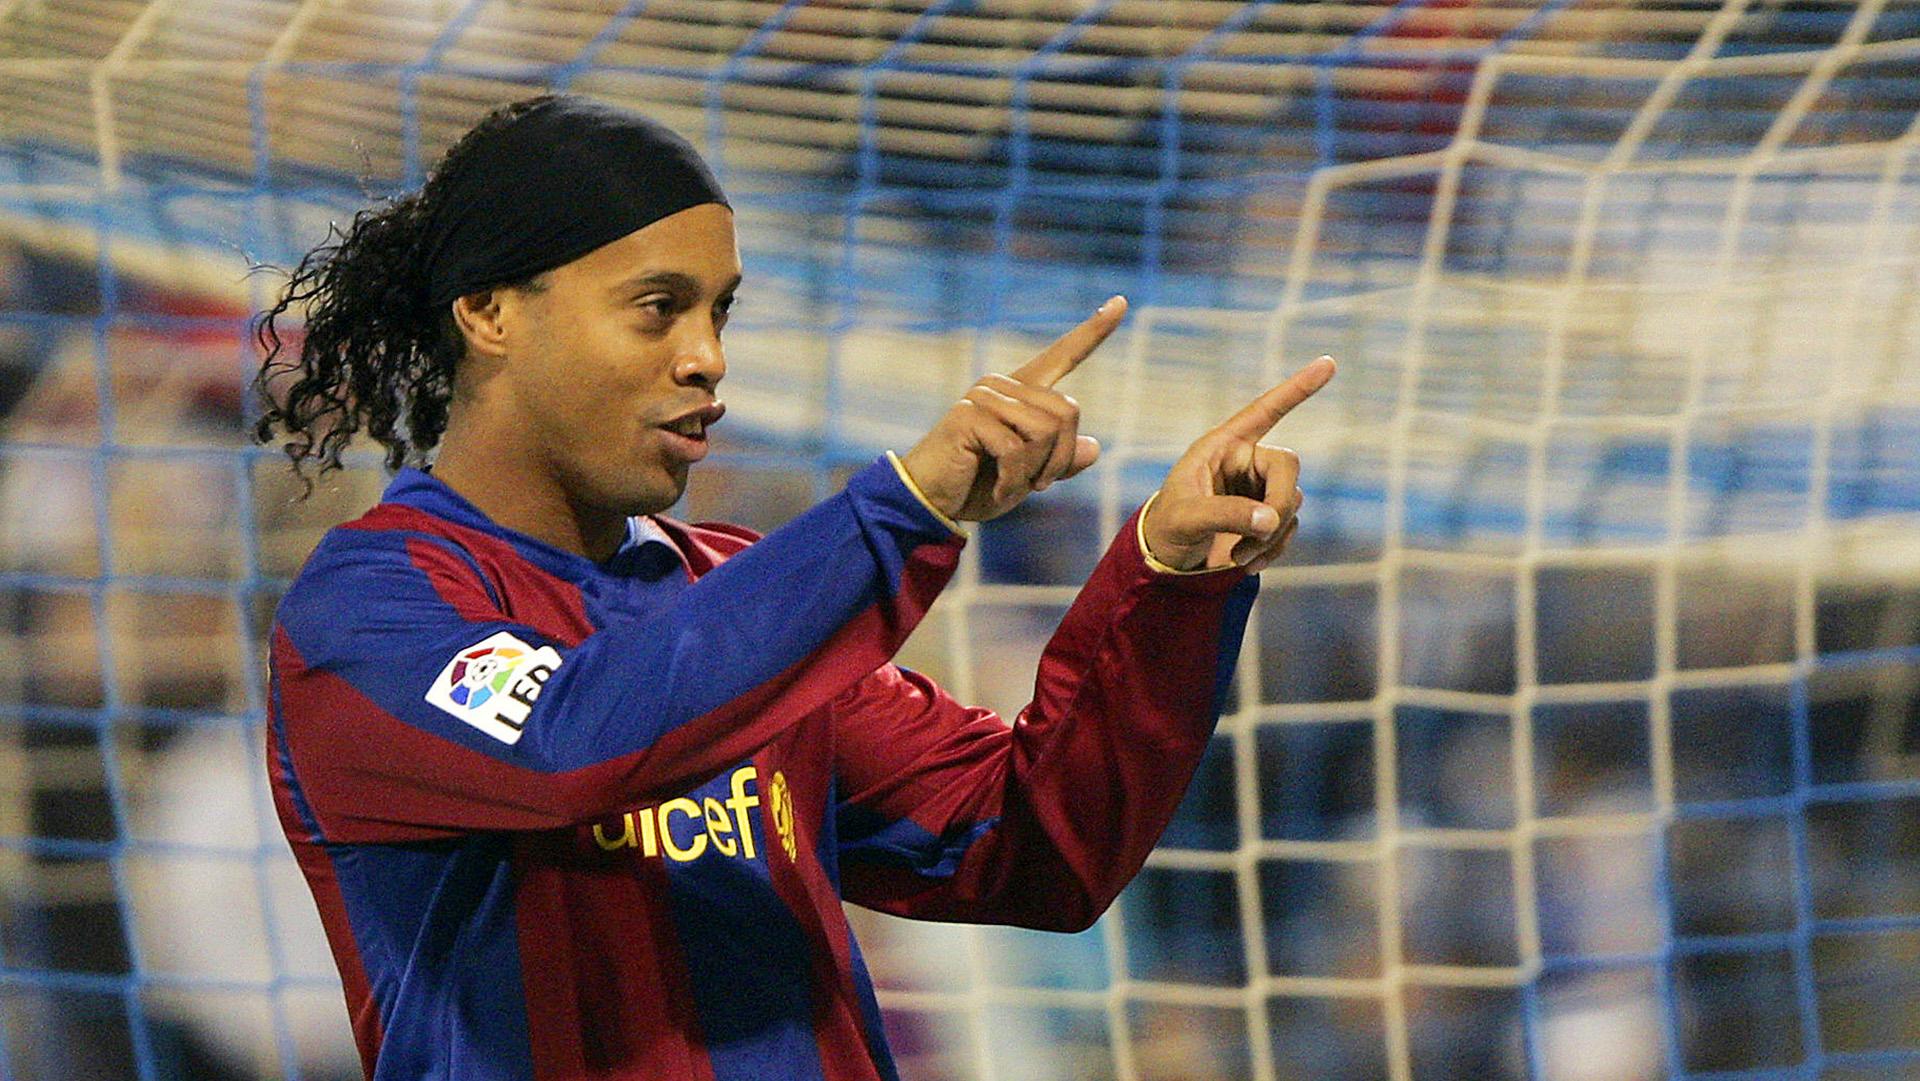 Assis anuncia aposentadoria de Ronaldinho: 'Faltava apenas confirmar'